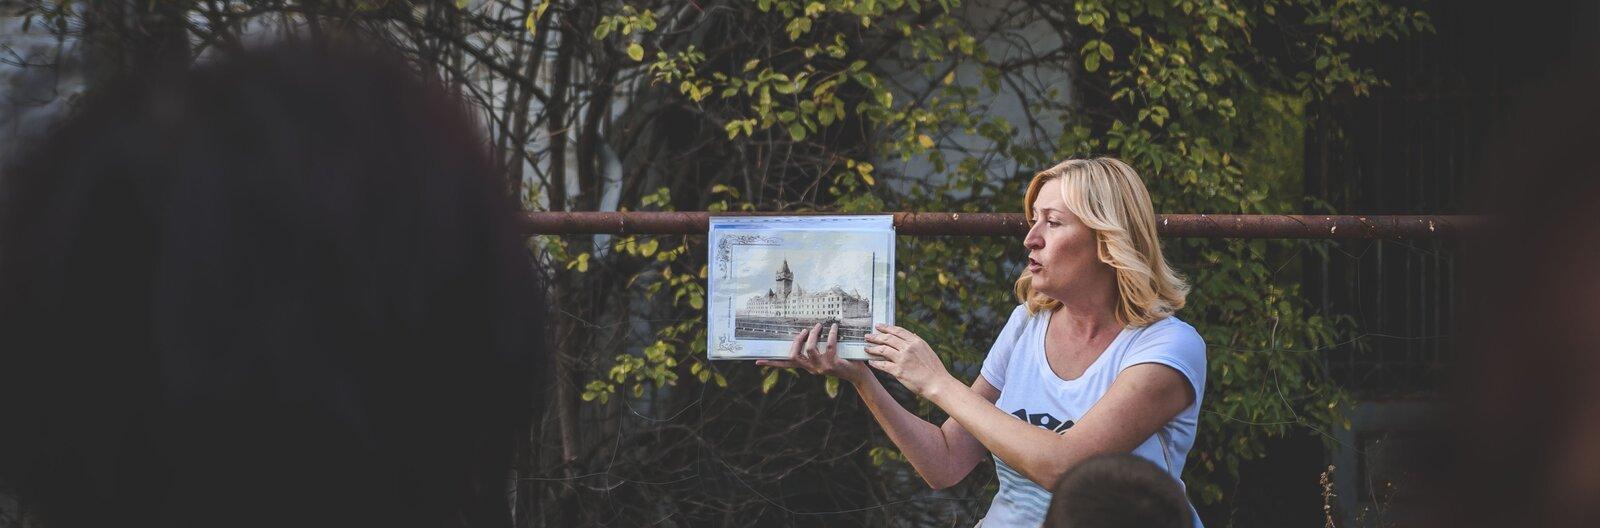 Szellemváros, napfénykúra és túra a föld alatt – 5 izgalmas városi séta a Balatonnál